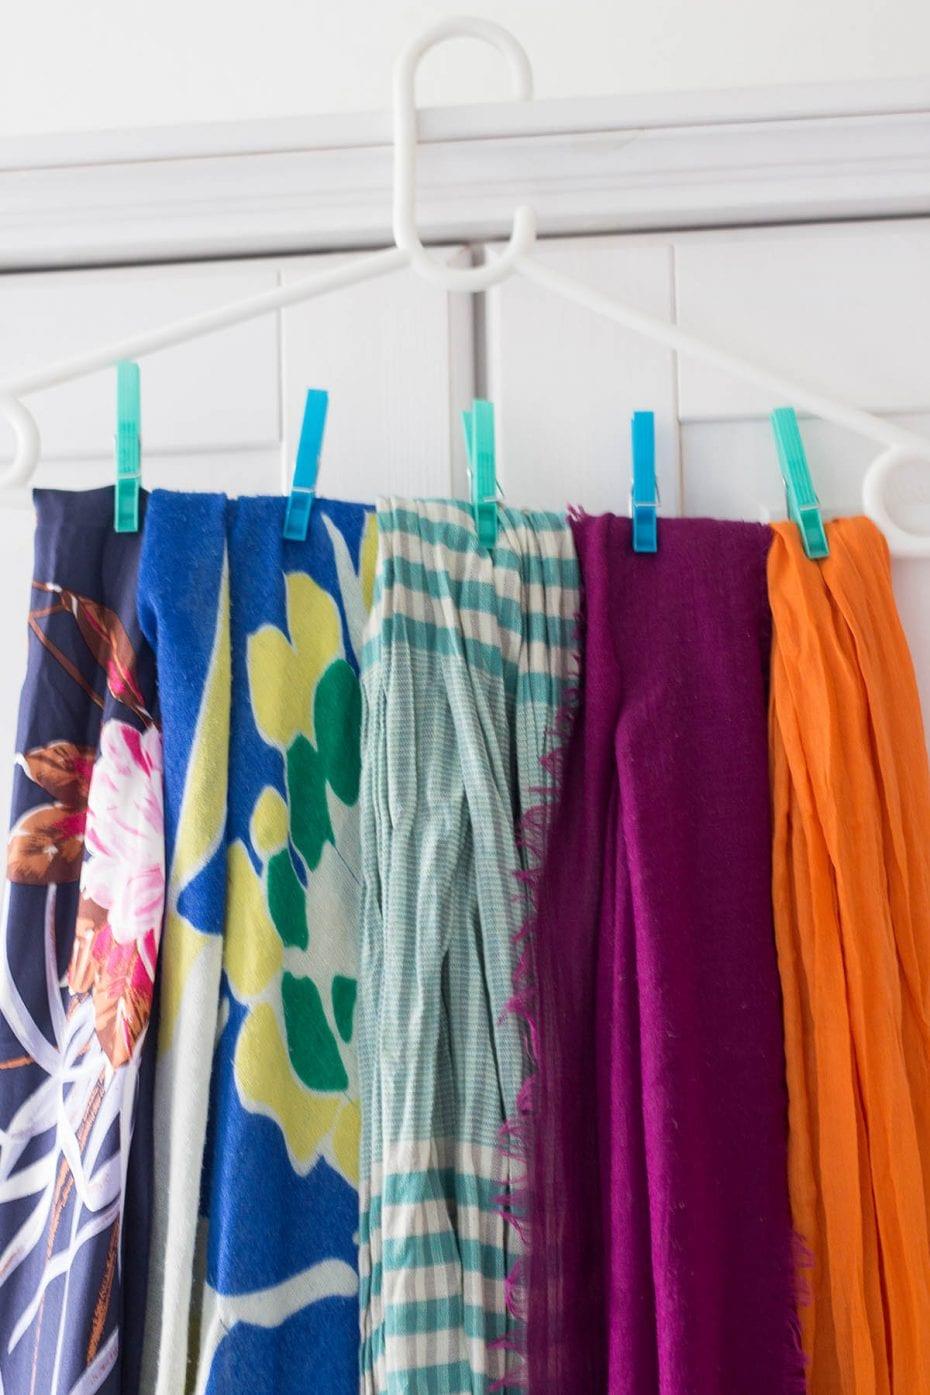 Kleiderschrank ausmisten – die Halstücher sind an einem Bügel mit Wäscheklammern befestigt